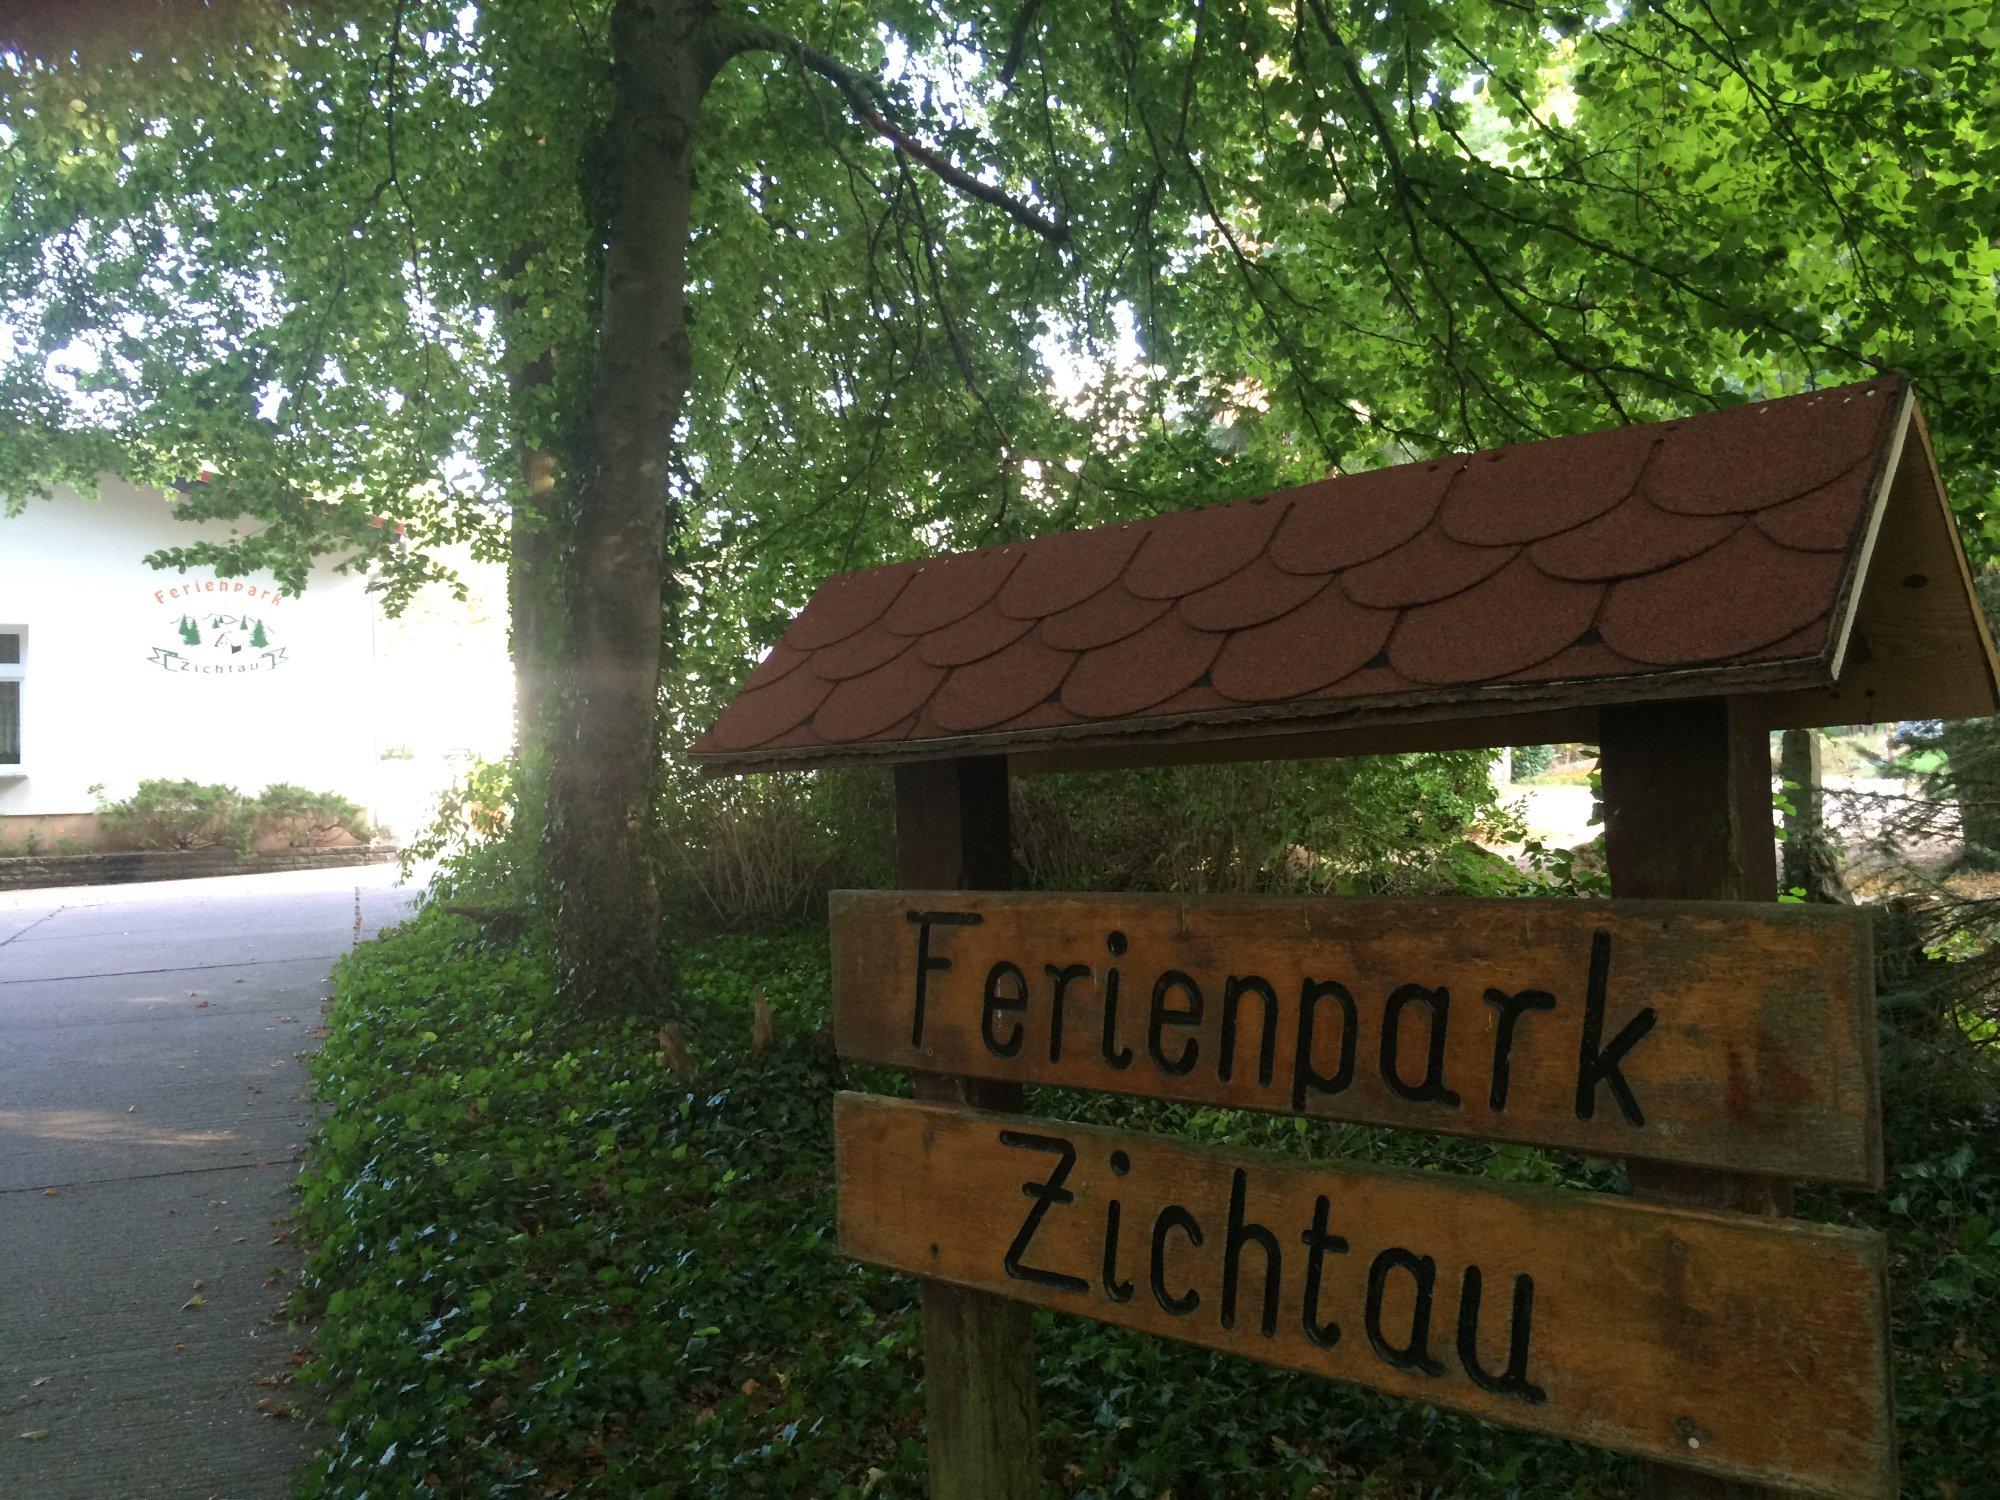 Ferienpark Zichtau